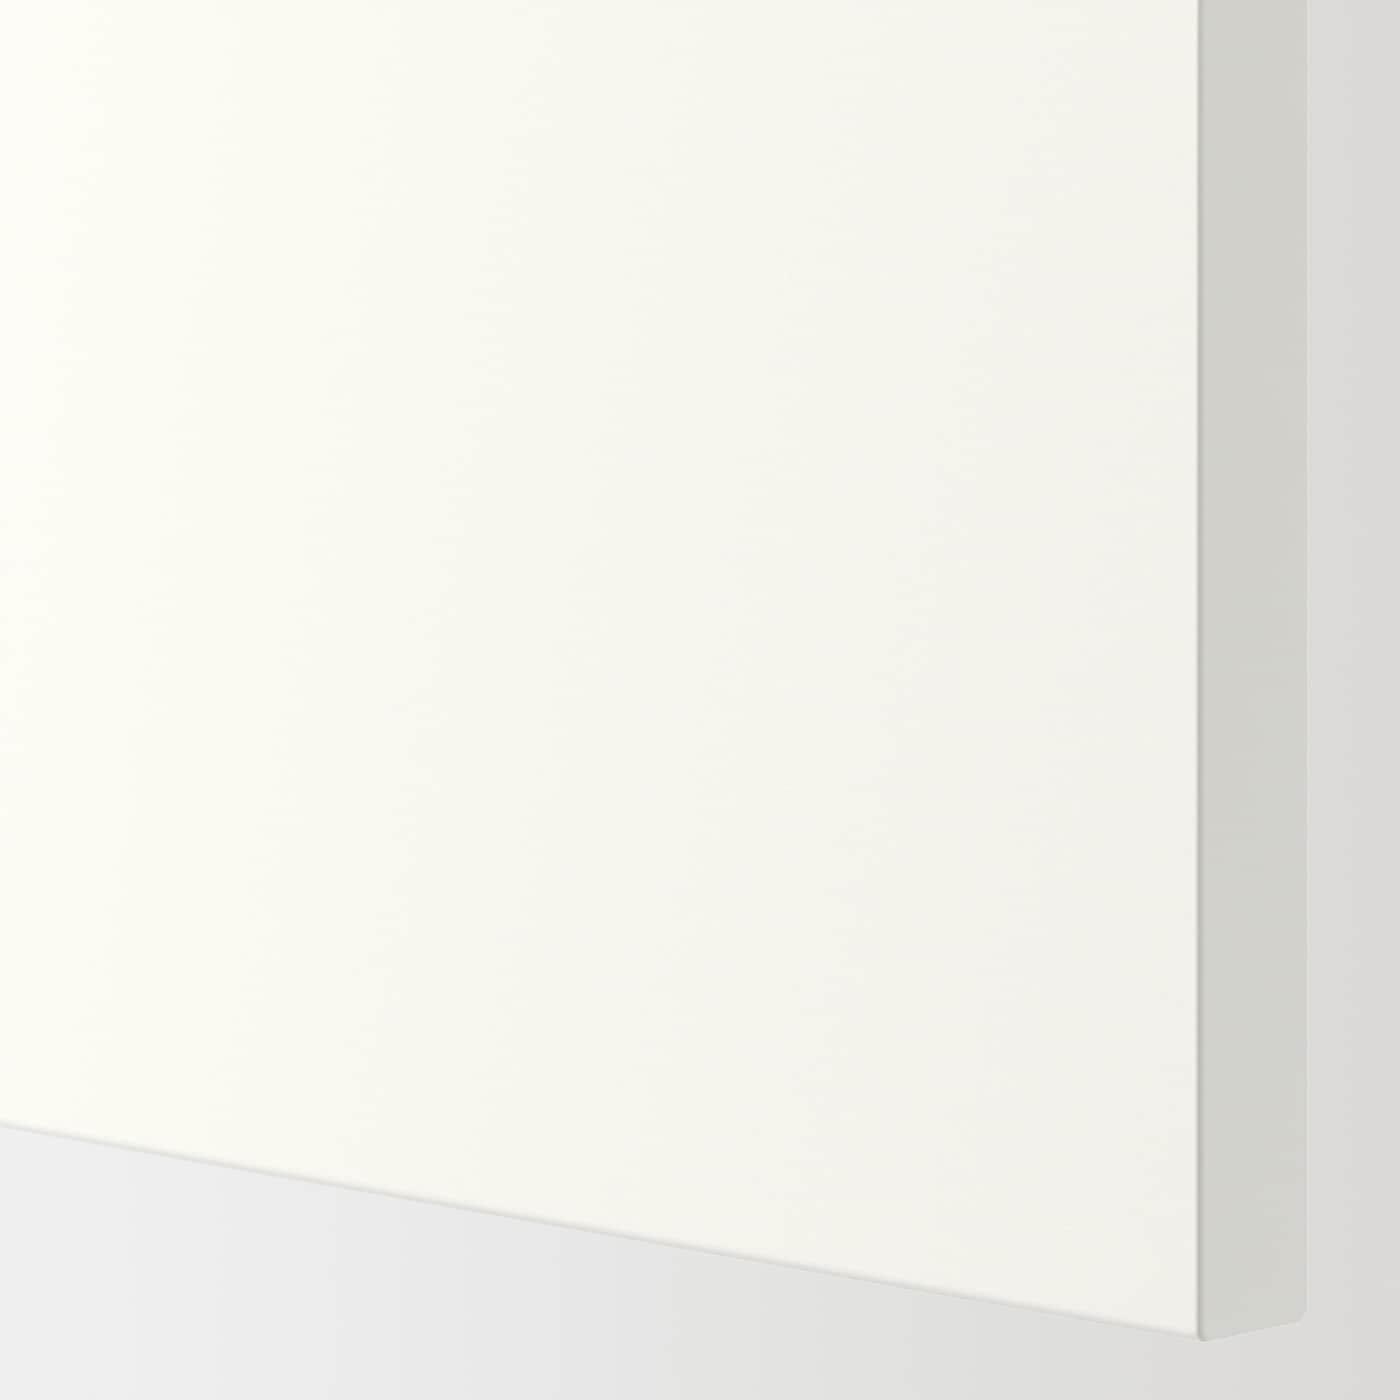 ENHET Wandschr. mit 1 Boden/Tür, weiß, 60x30x60 cm